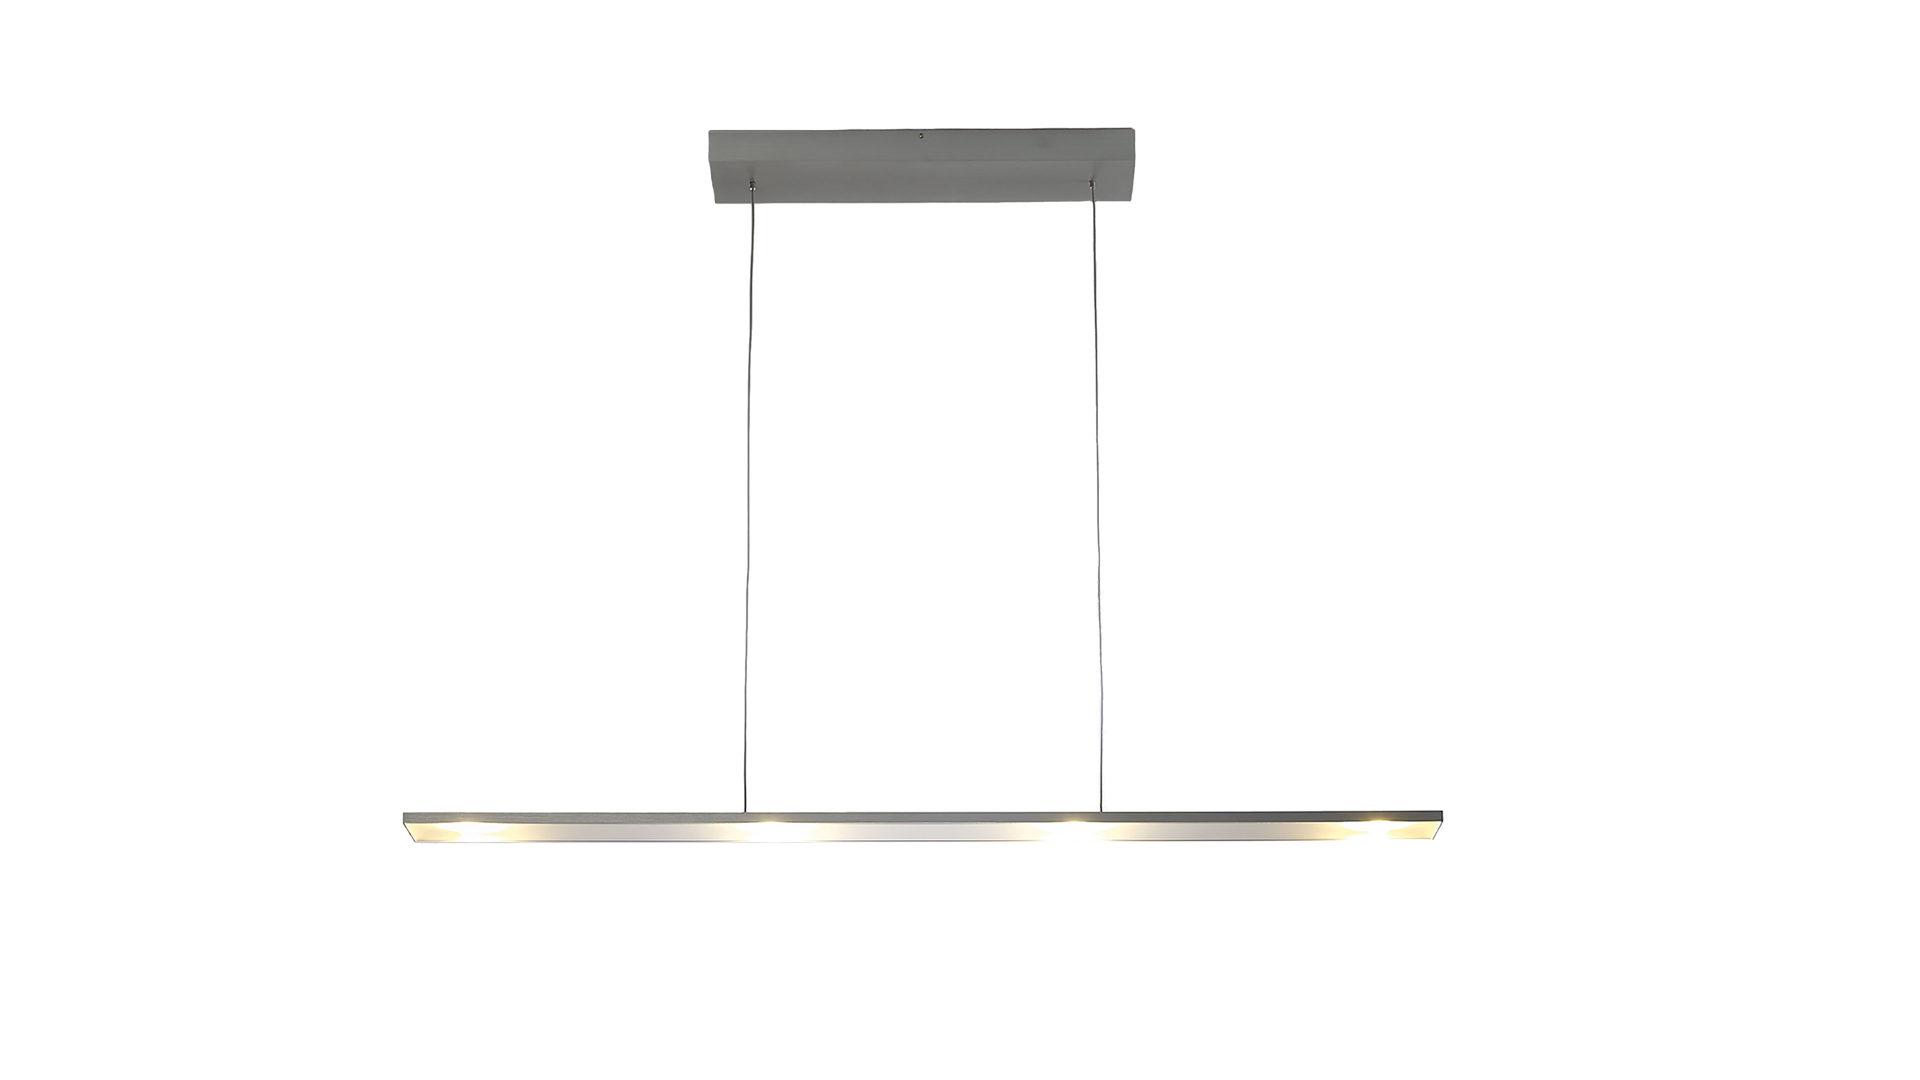 einrichtungspartner ring rume esszimmer lampen leuchten bopp led pendelleuchte leds go xxl bopp aus aluminium glas metall in metallfarben - Esszimmer Lampen Led